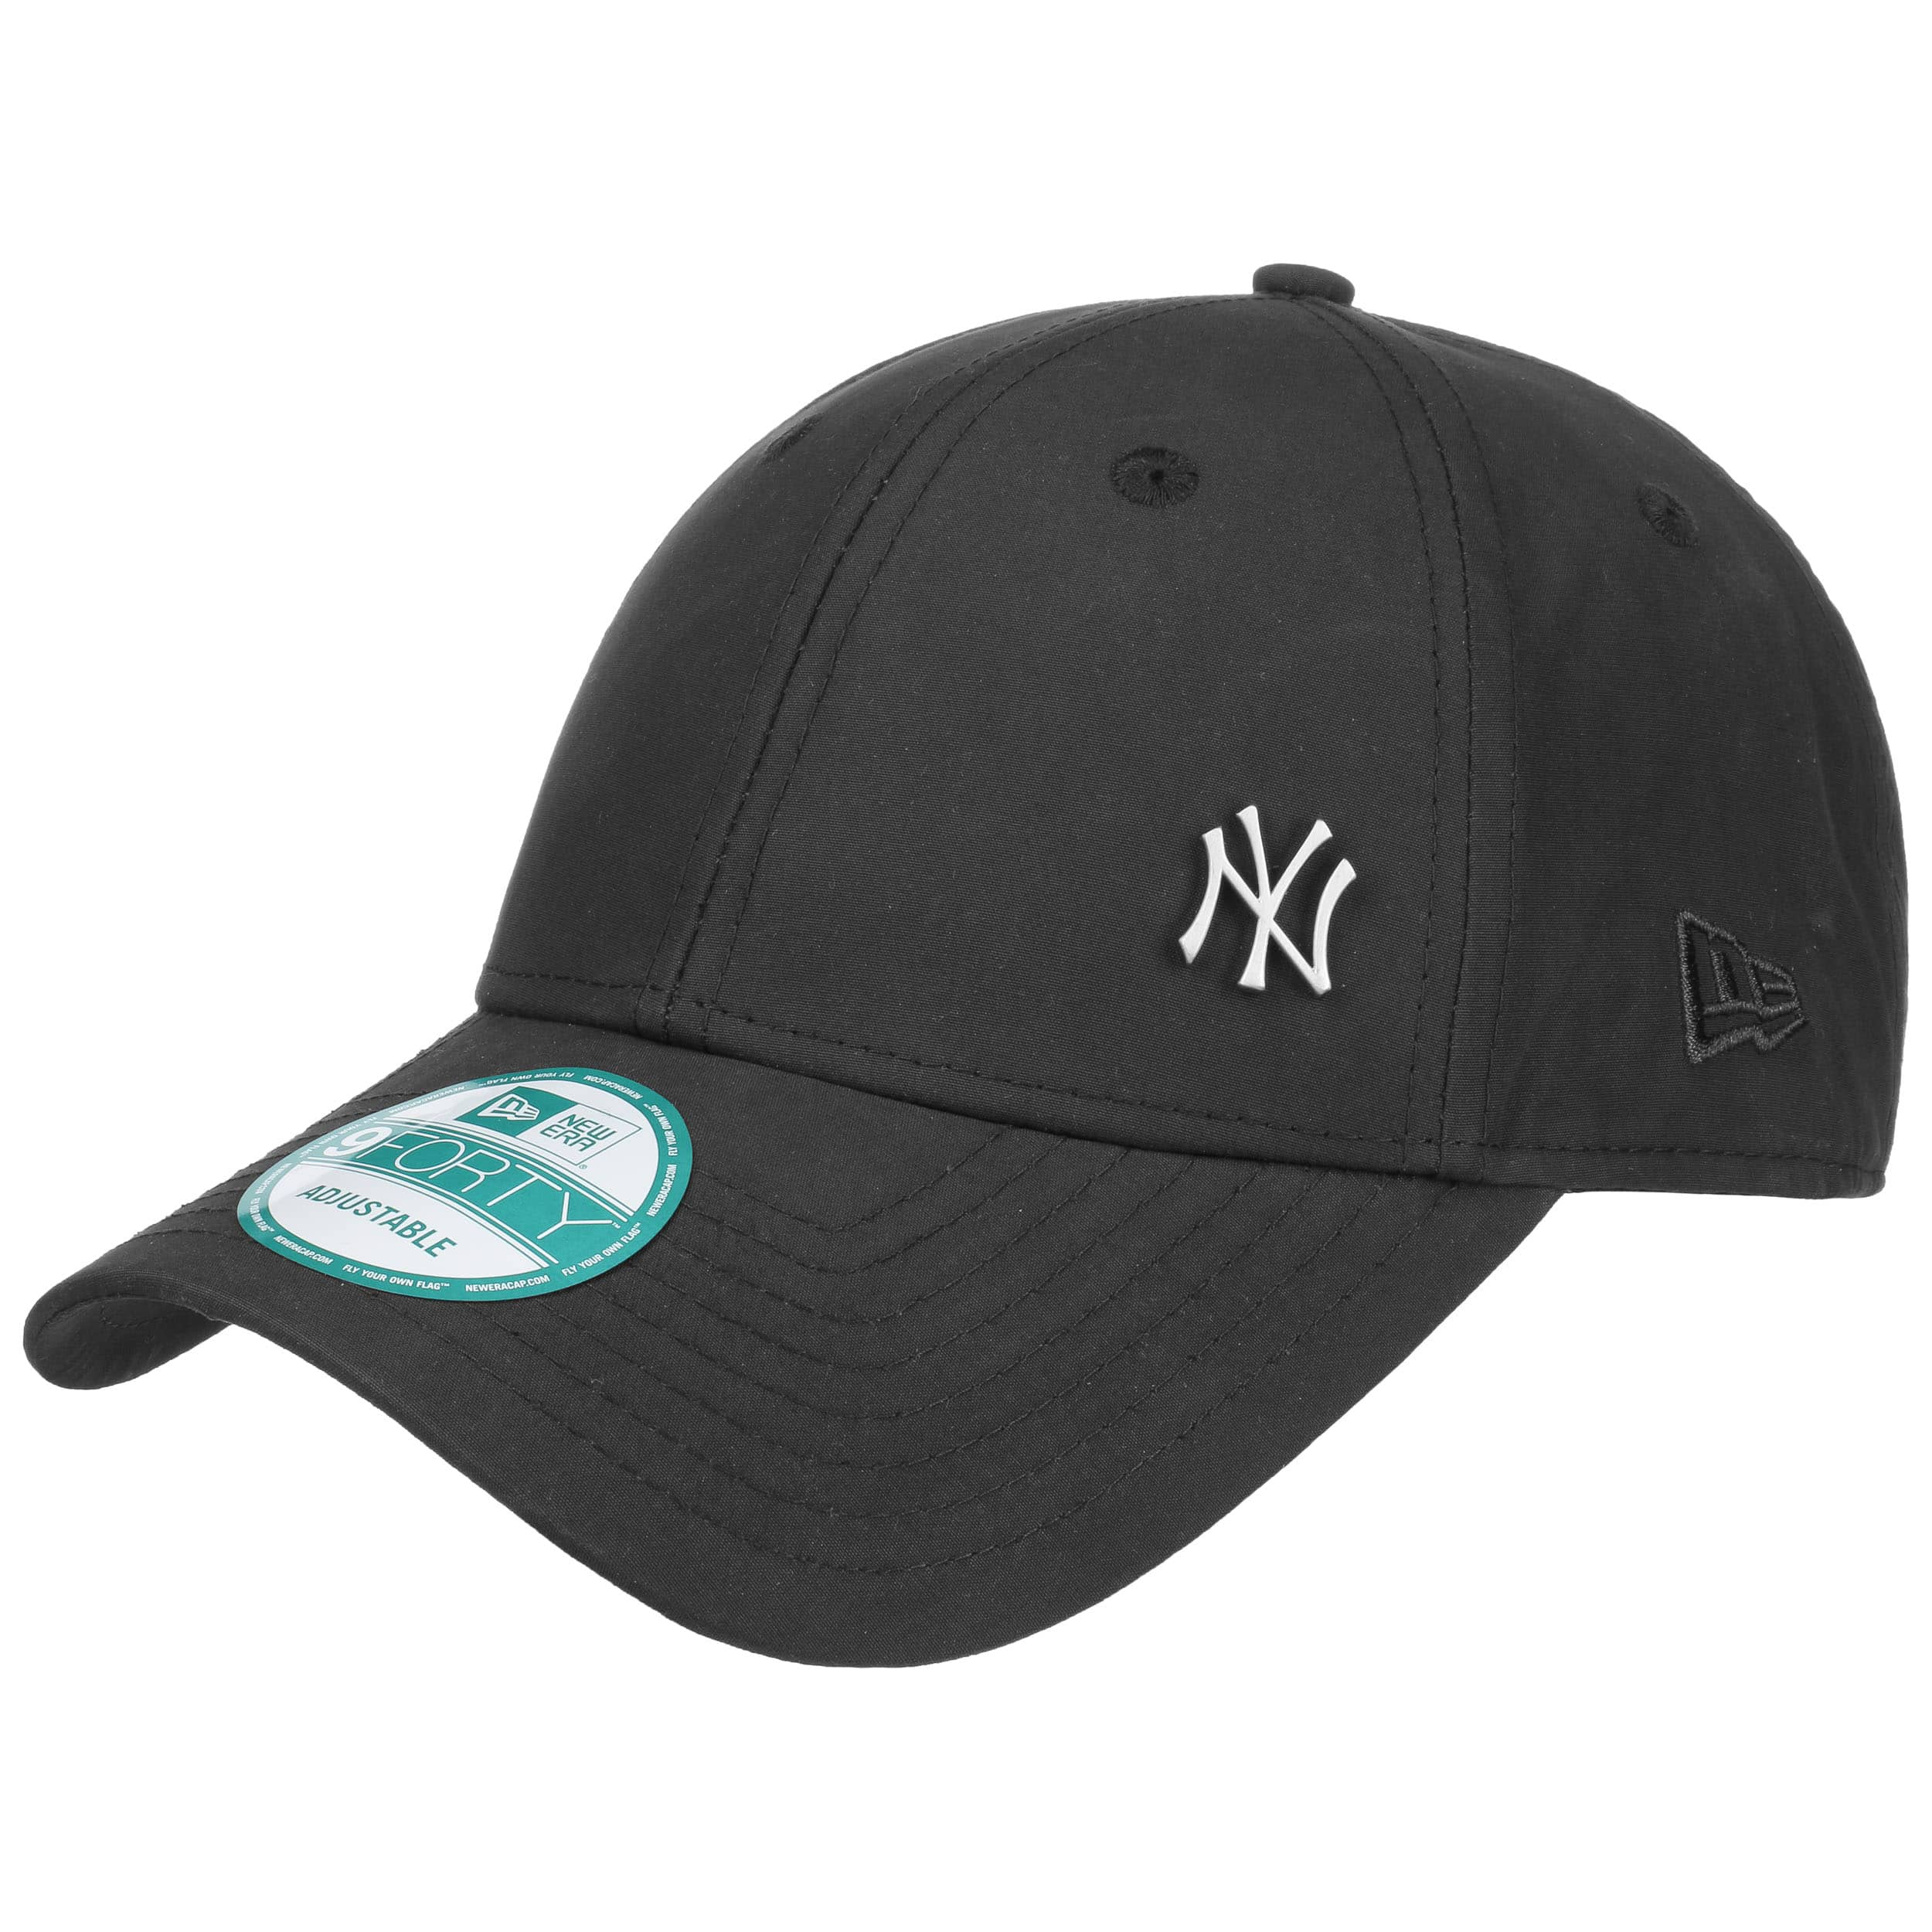 cappellino ny nero